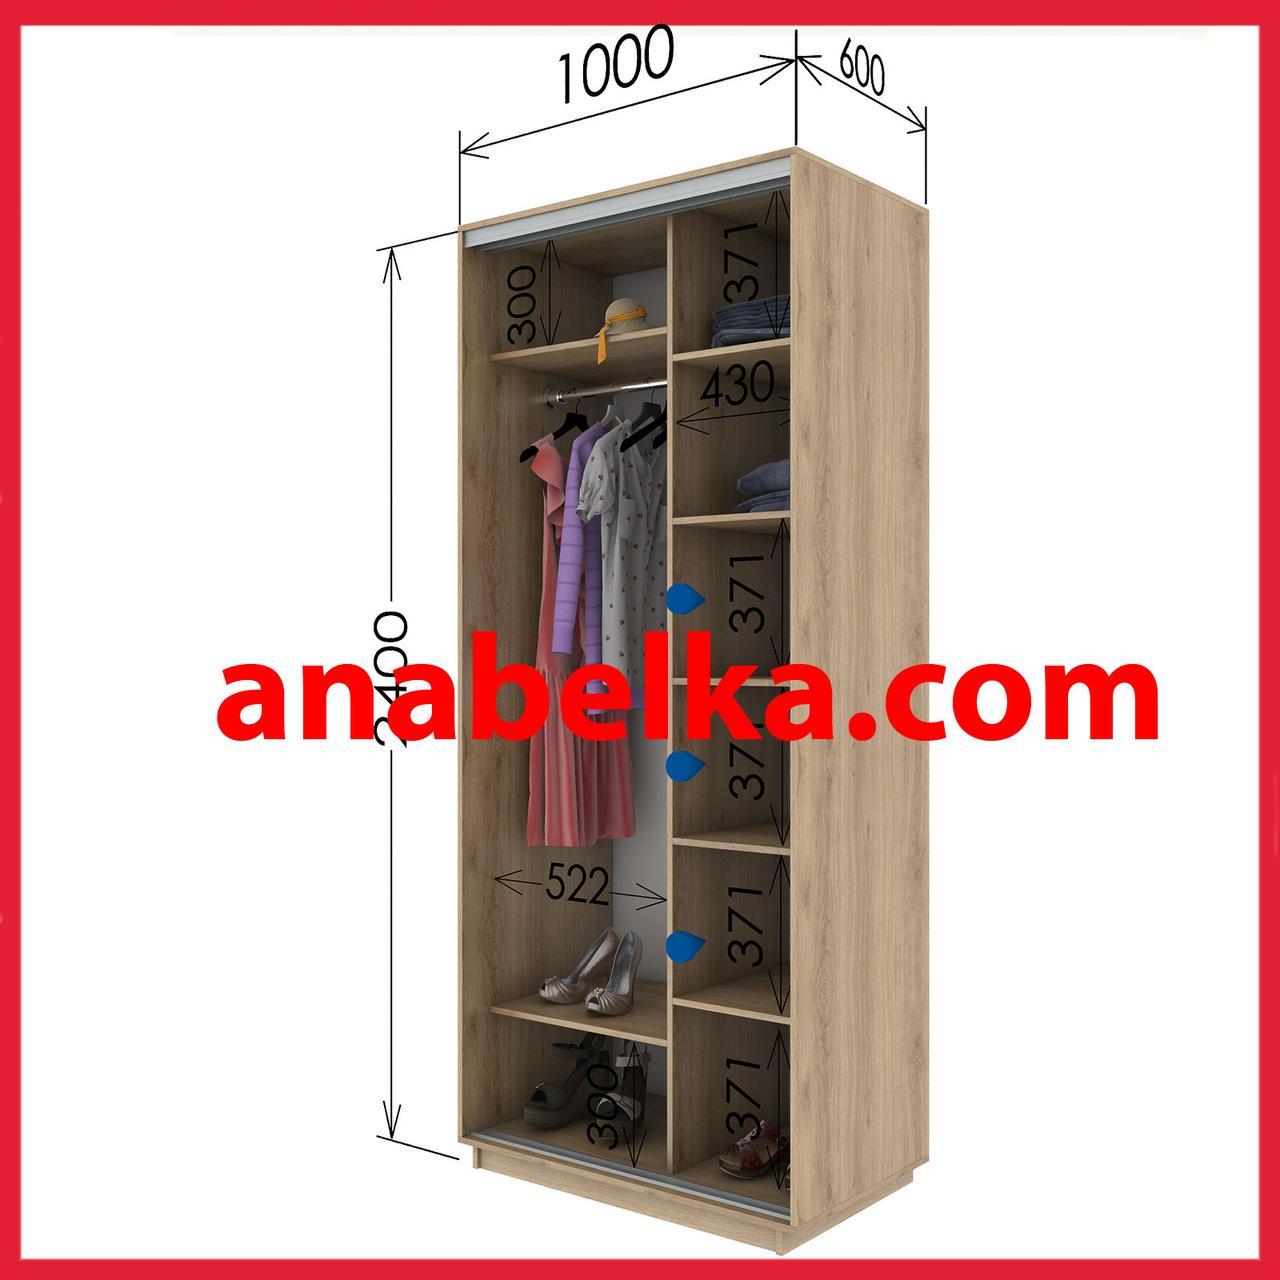 Шкаф купе 1000*600*2400  дуб сонома  ДСП / ДСП (Гарант)